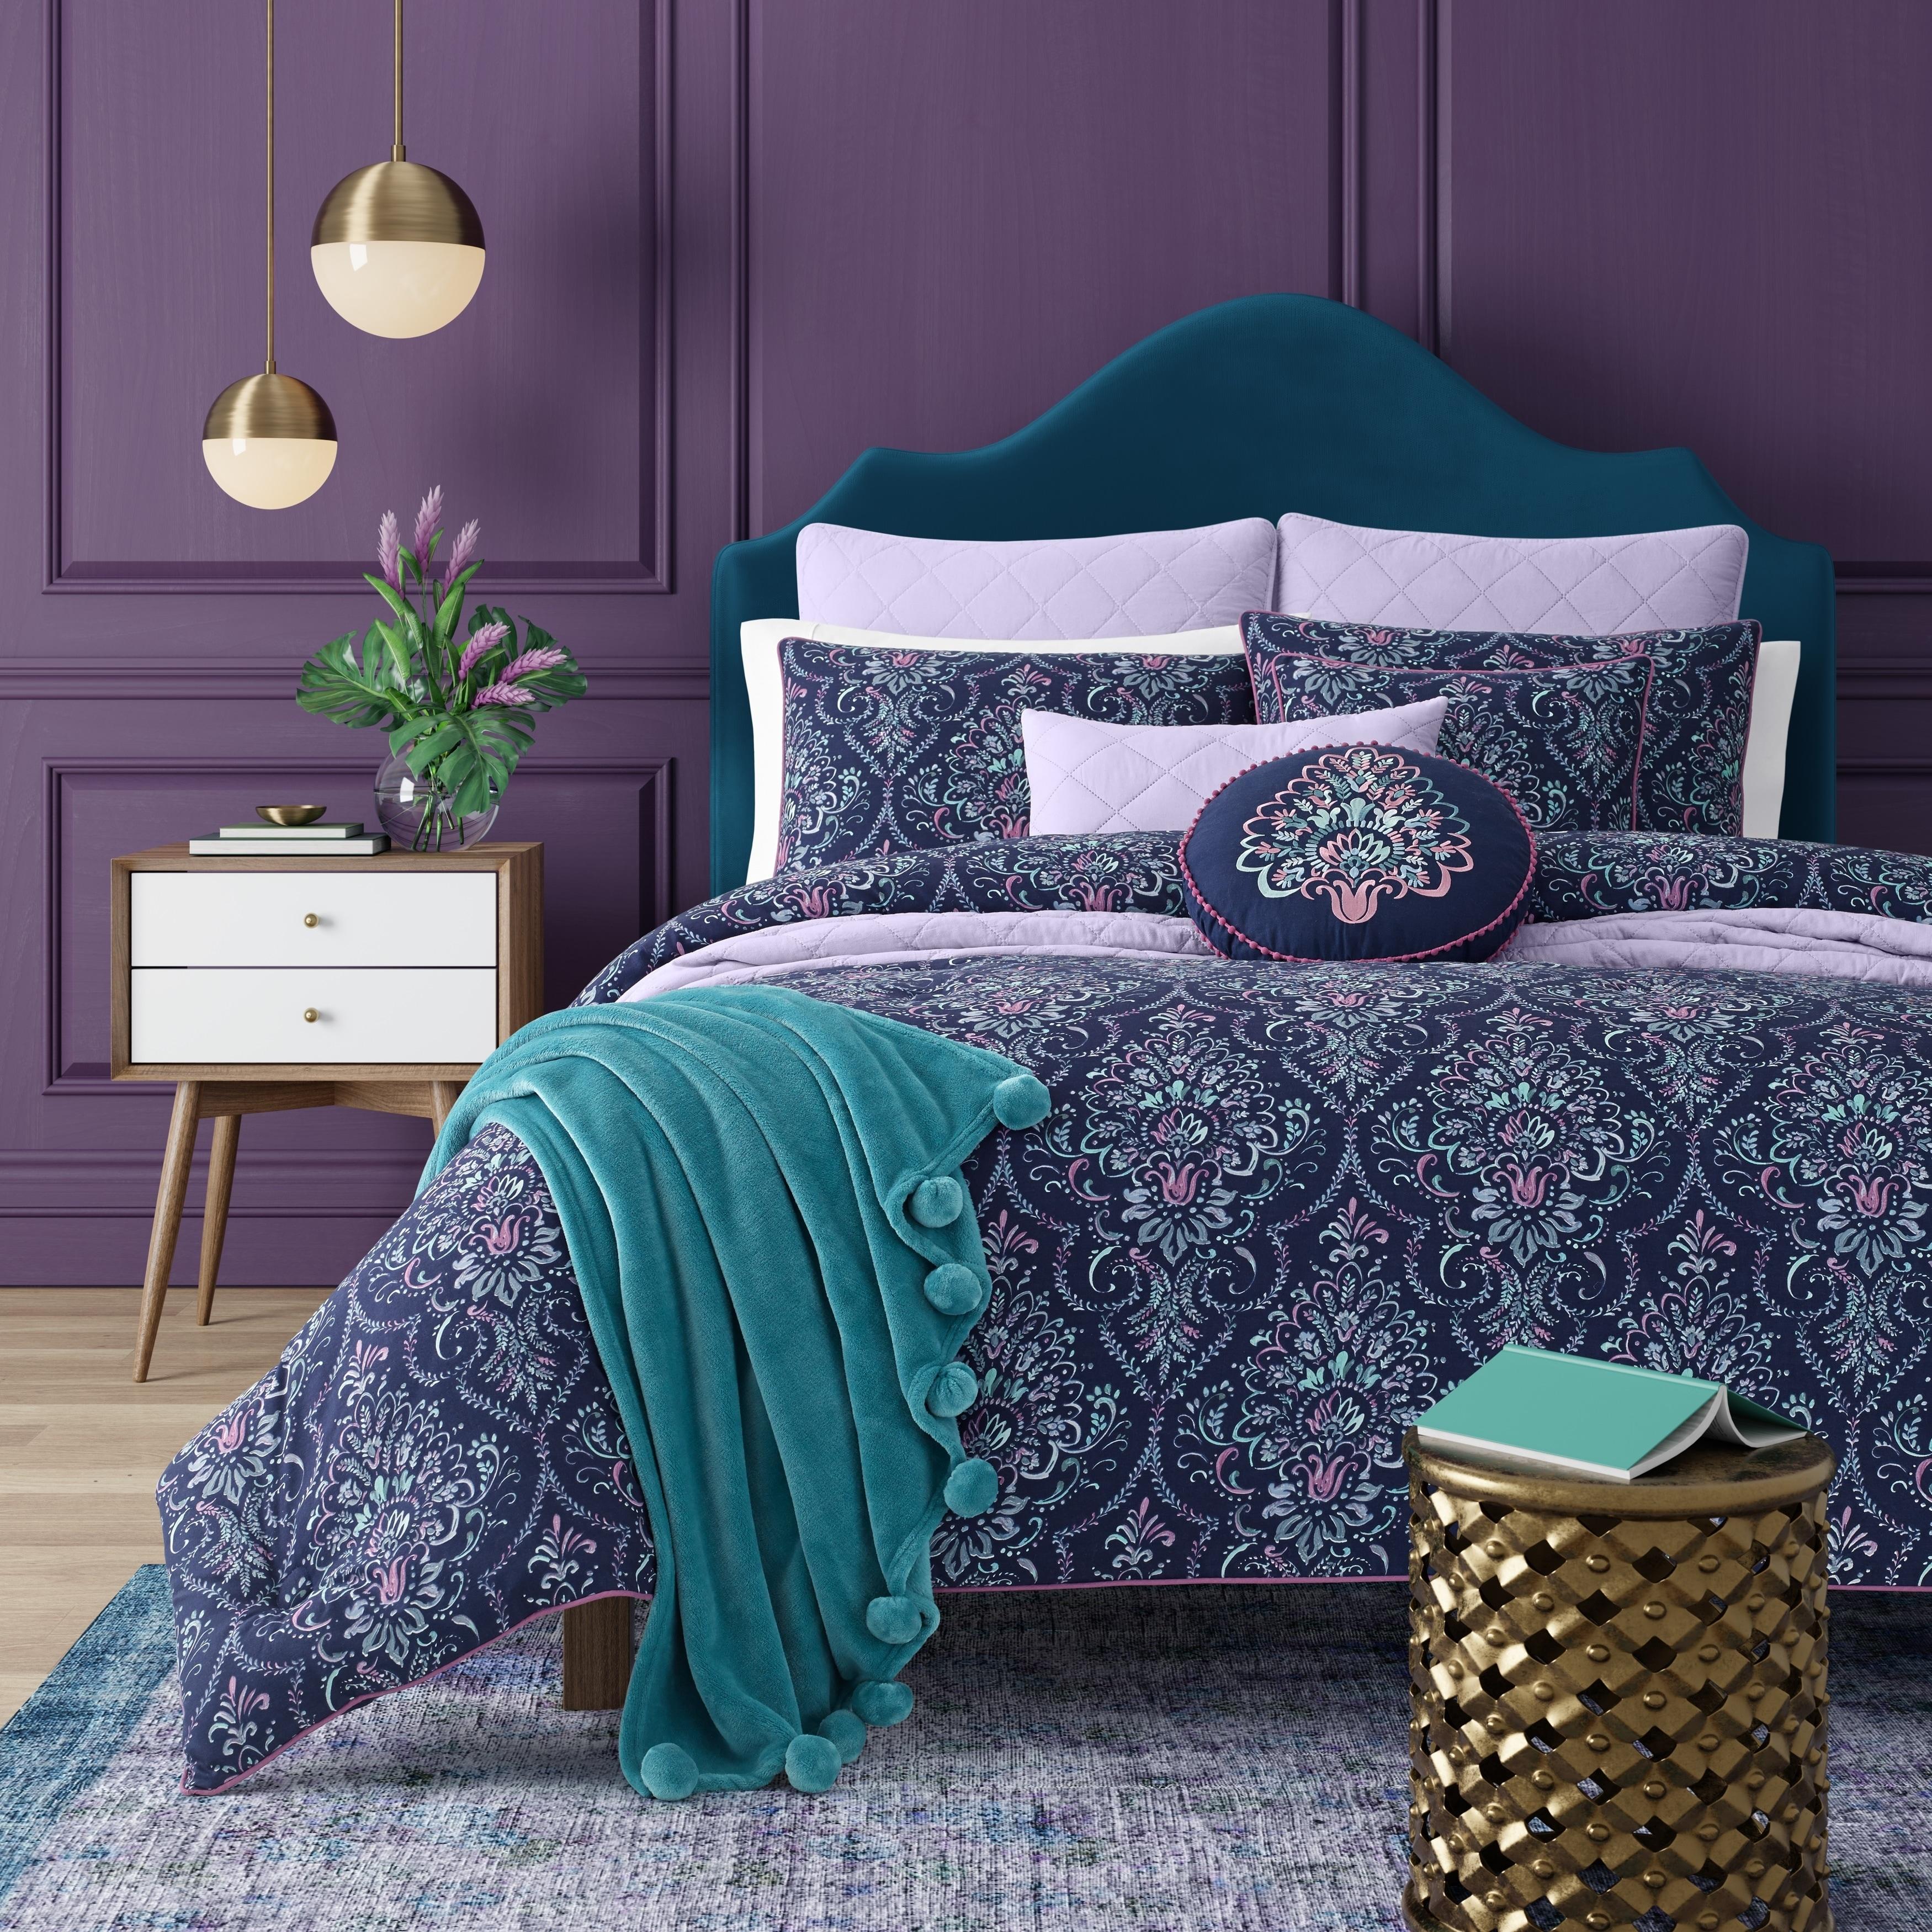 Porch Den Aebischer Bohemian Comforter Set In King Size As Is Item Overstock 29381016